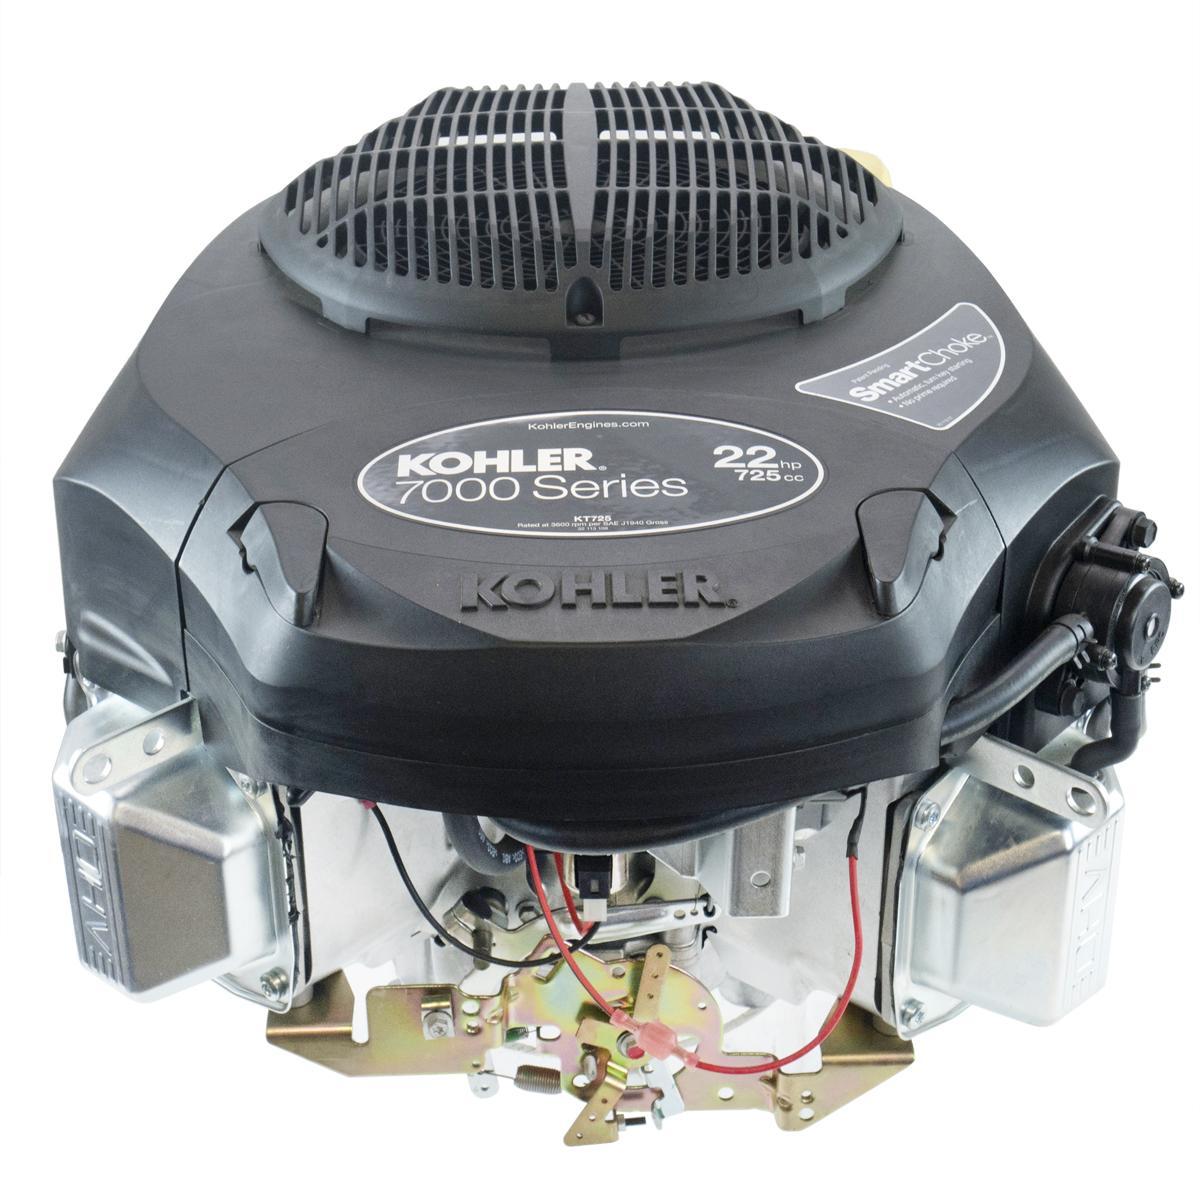 """22hp Kohler 7000 Series Engine, Vertical 1"""" x 3-5/32"""" Shaft, OHV, Electric Start, 15 Amp Alternator, Fuel Pump, Oil Filter"""